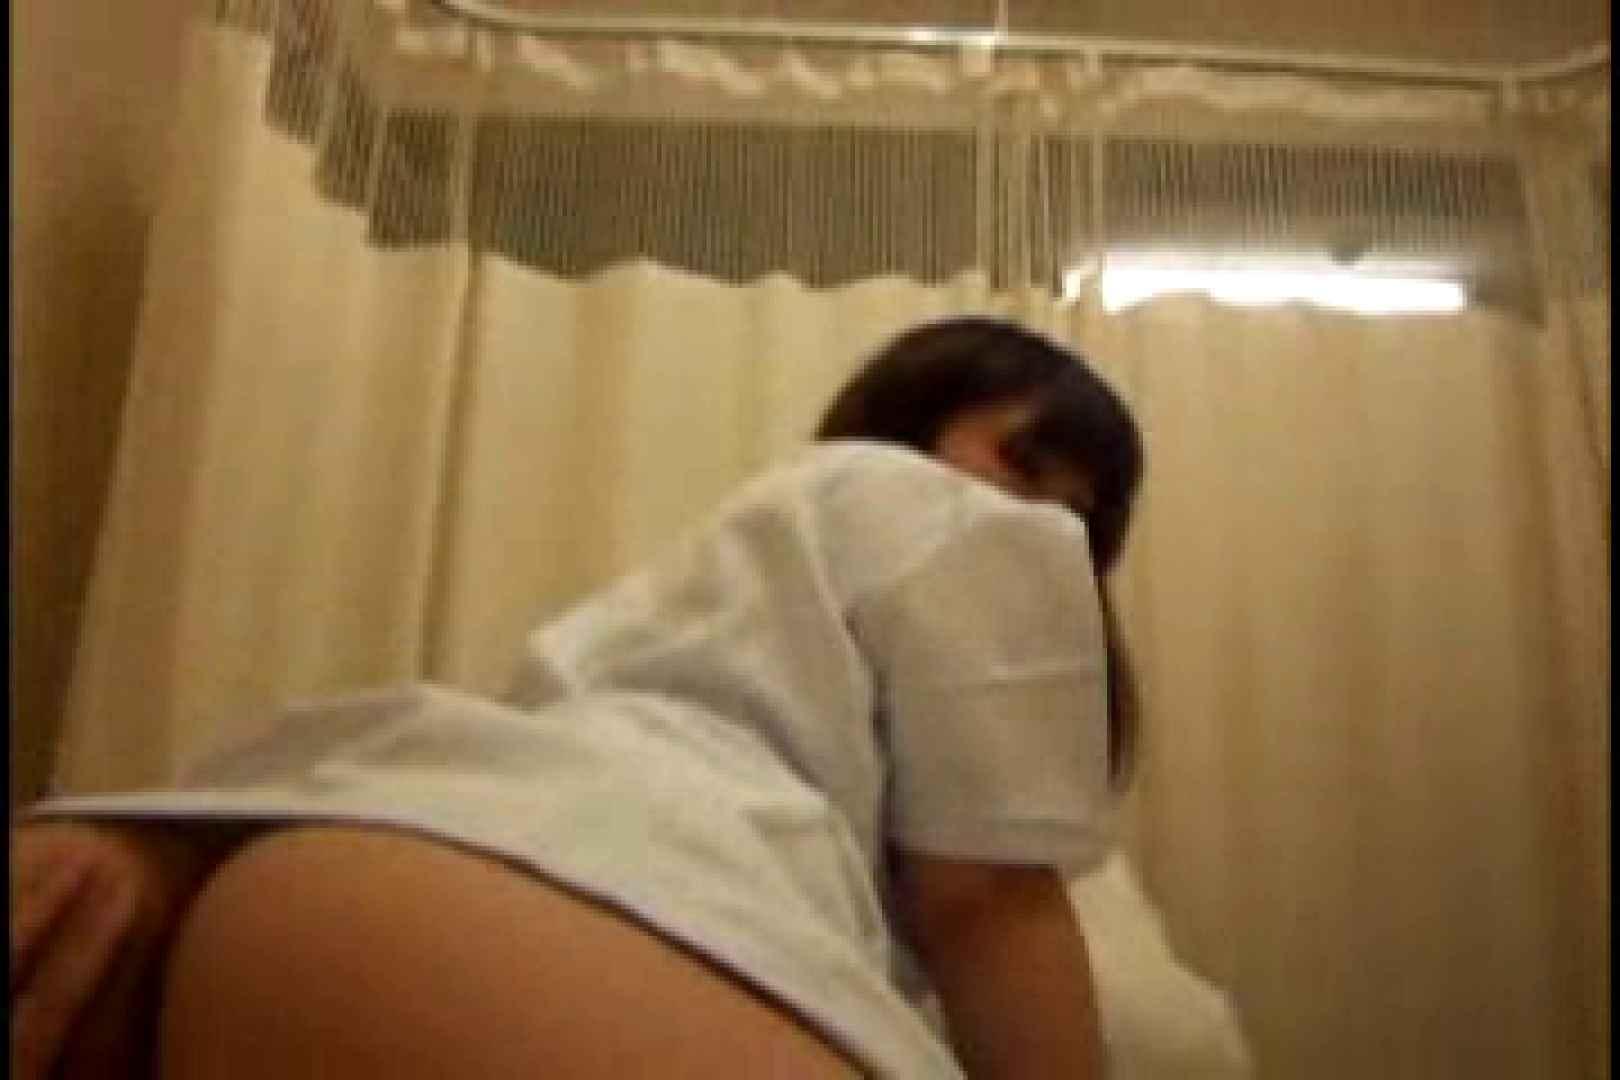 ヤリマンと呼ばれた看護士さんvol2 OL裸体 | 一般投稿  104画像 94